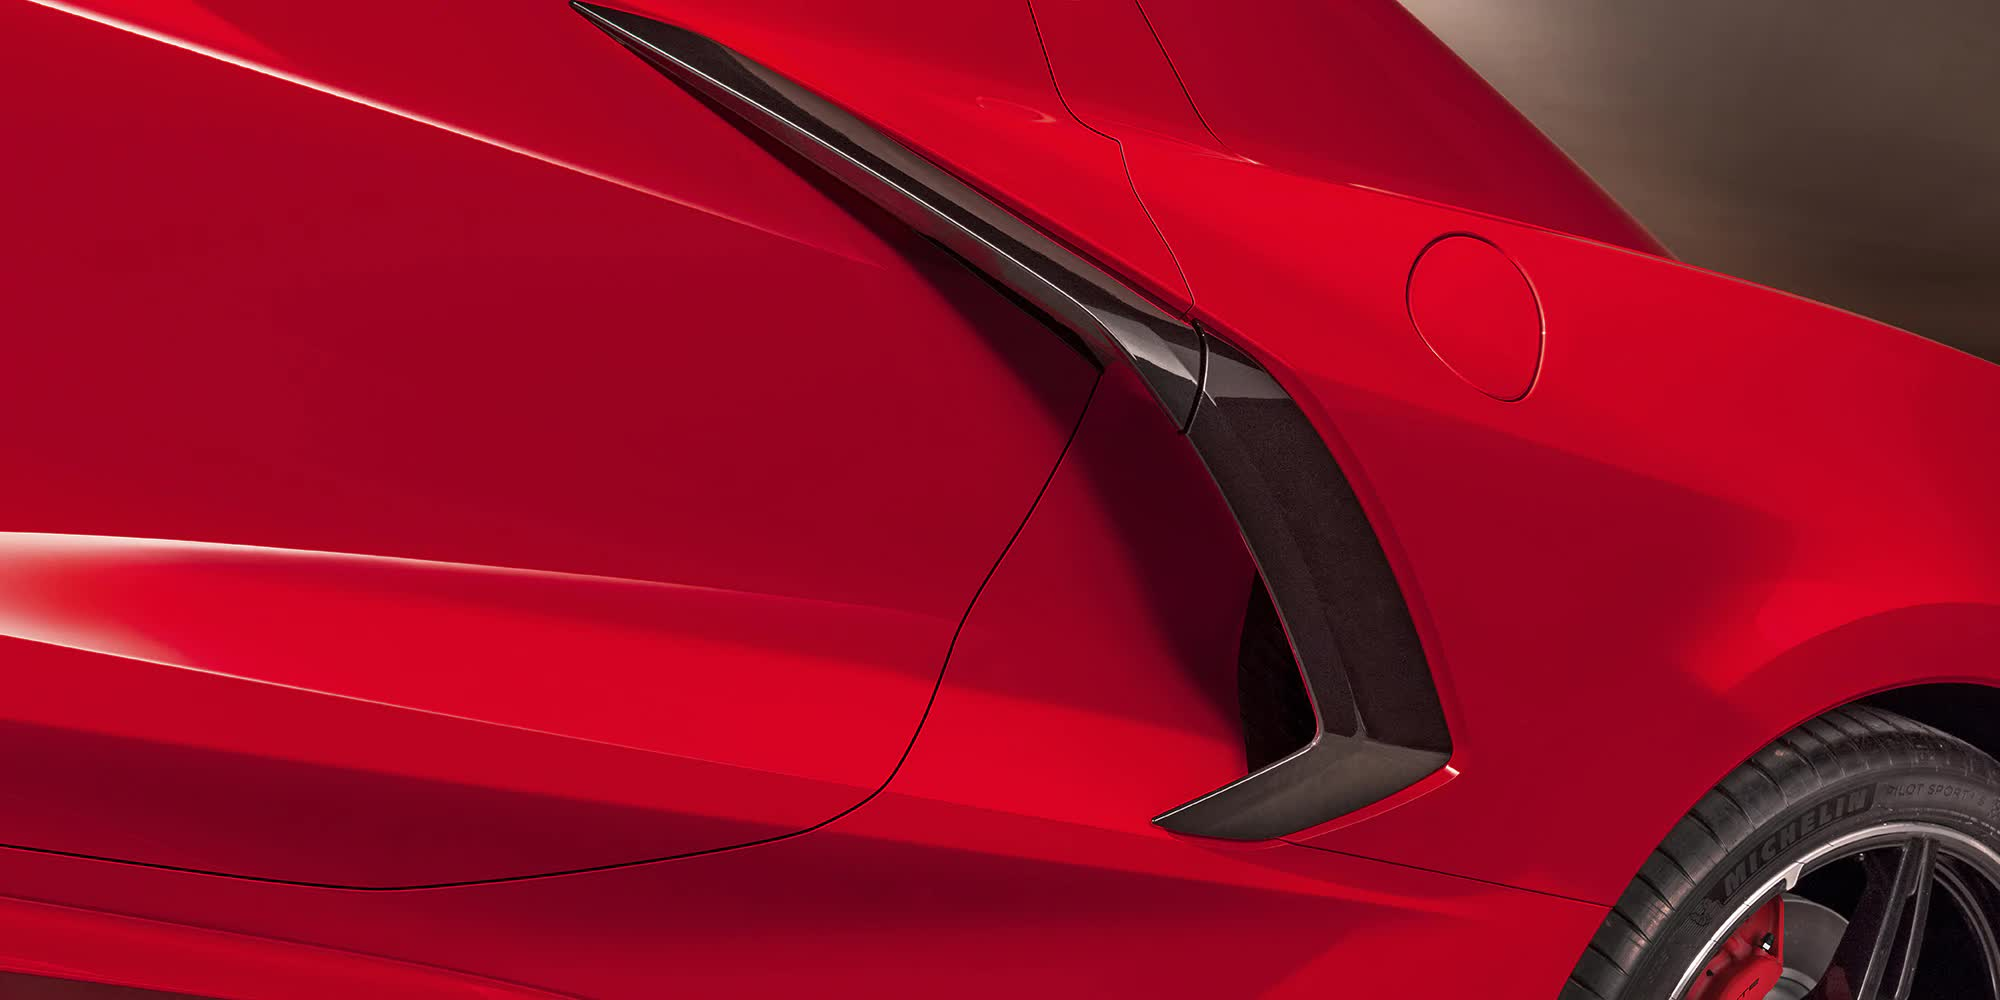 dettaglio-Corvette-c8-stingray-2020-rossa-auto-sportiva-a-motore-centrale-disponibile-con-allestimento-coupe-e-convertible-in-esclusiva-presso-gruppo-cavauto-a-Monza.jpg